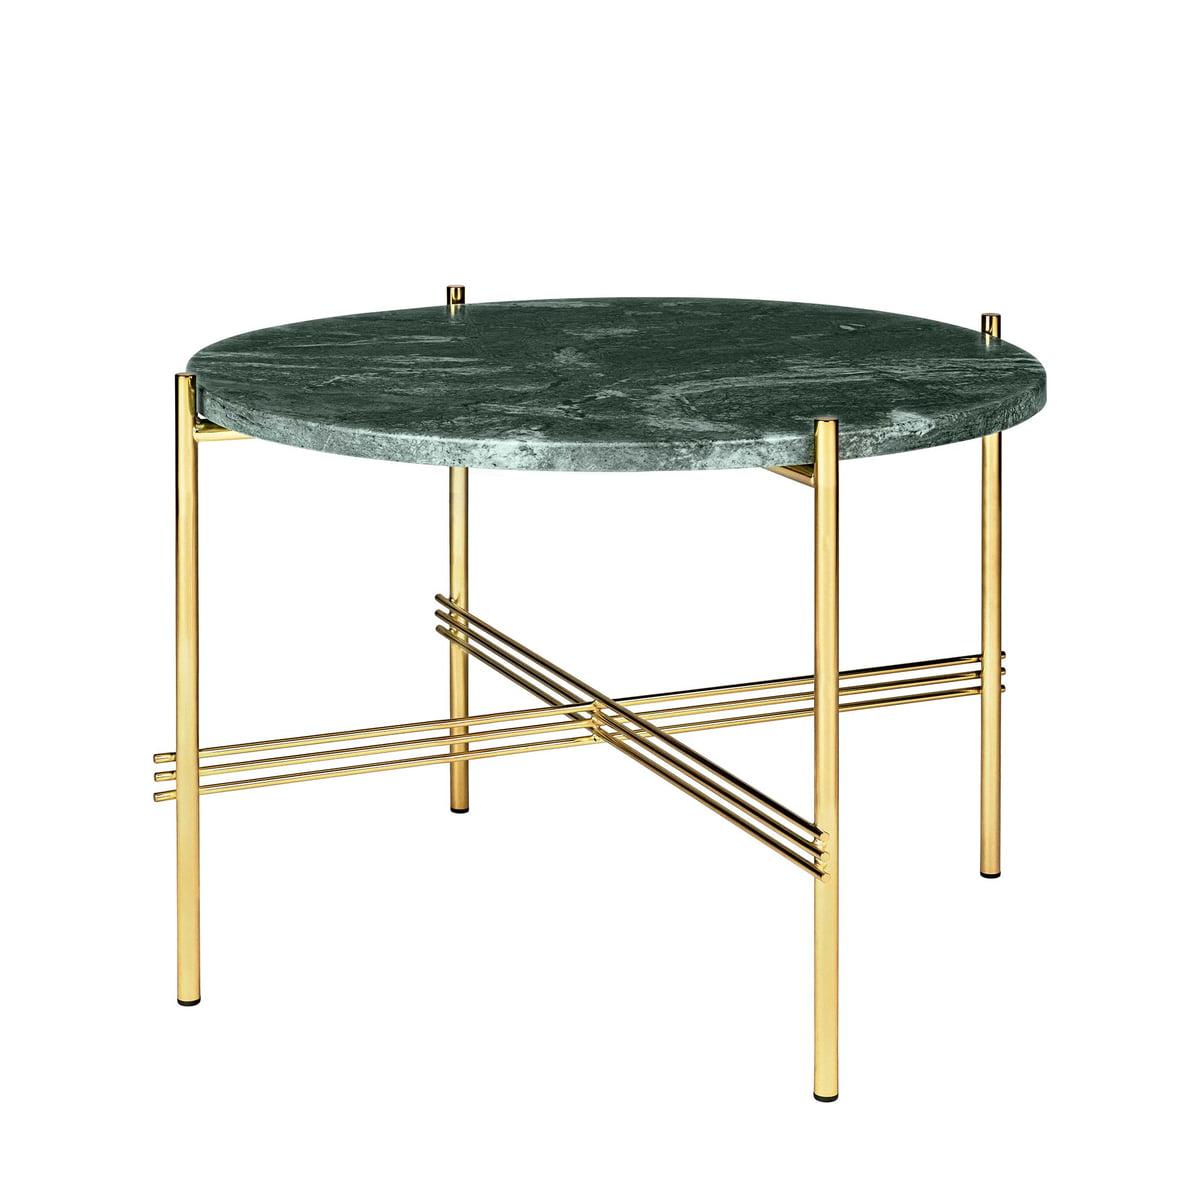 gubi ts couchtisch 55 cm messing marmor gr n gr n h. Black Bedroom Furniture Sets. Home Design Ideas